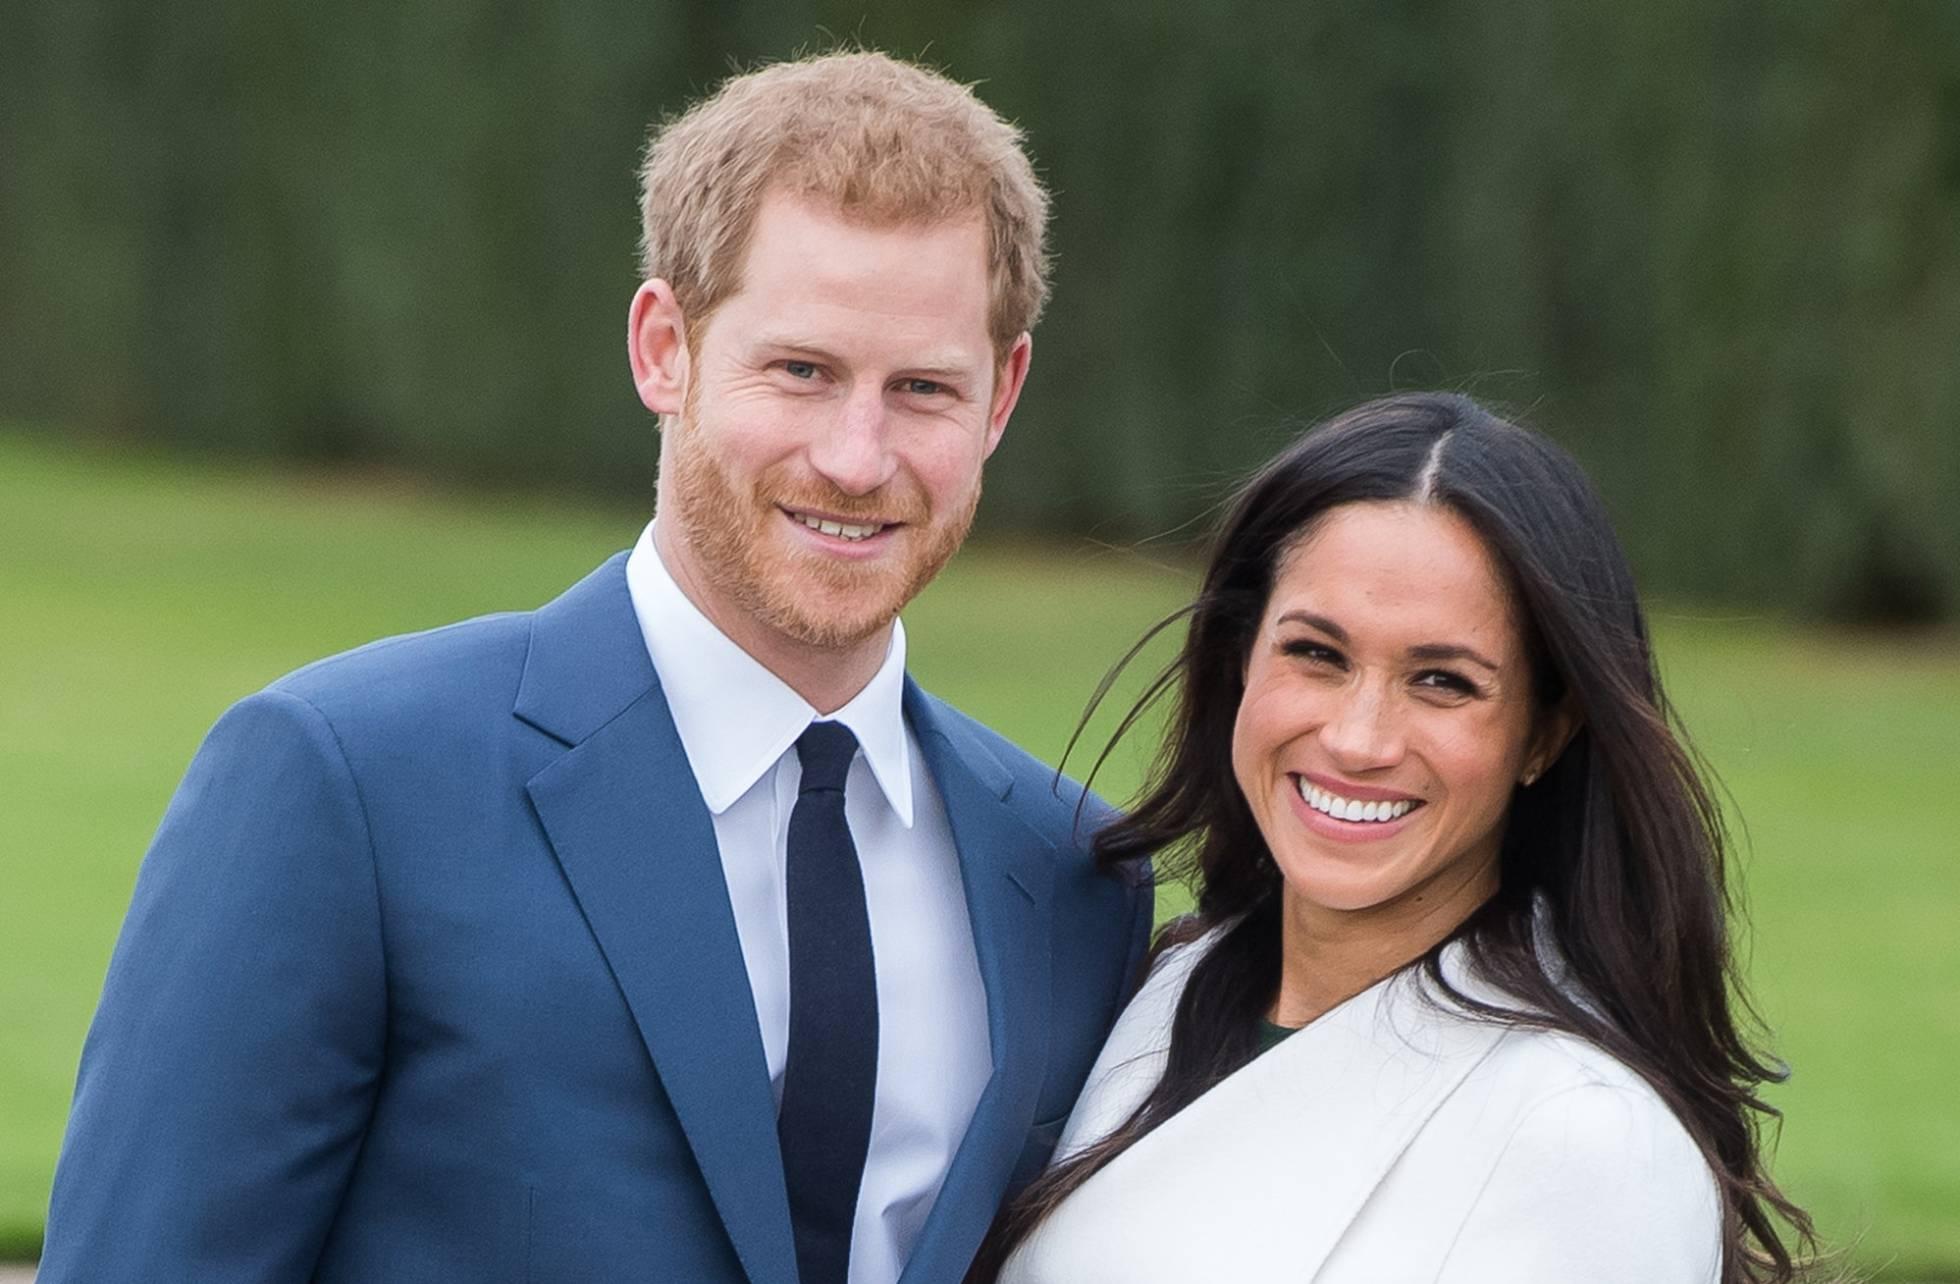 Príncipe Harry e a atriz Meghan Markle anunciam gravidez da duquesa durante viagem à Austrália. Foto: SAMIR HUSSEIN / WIREIMAGE.